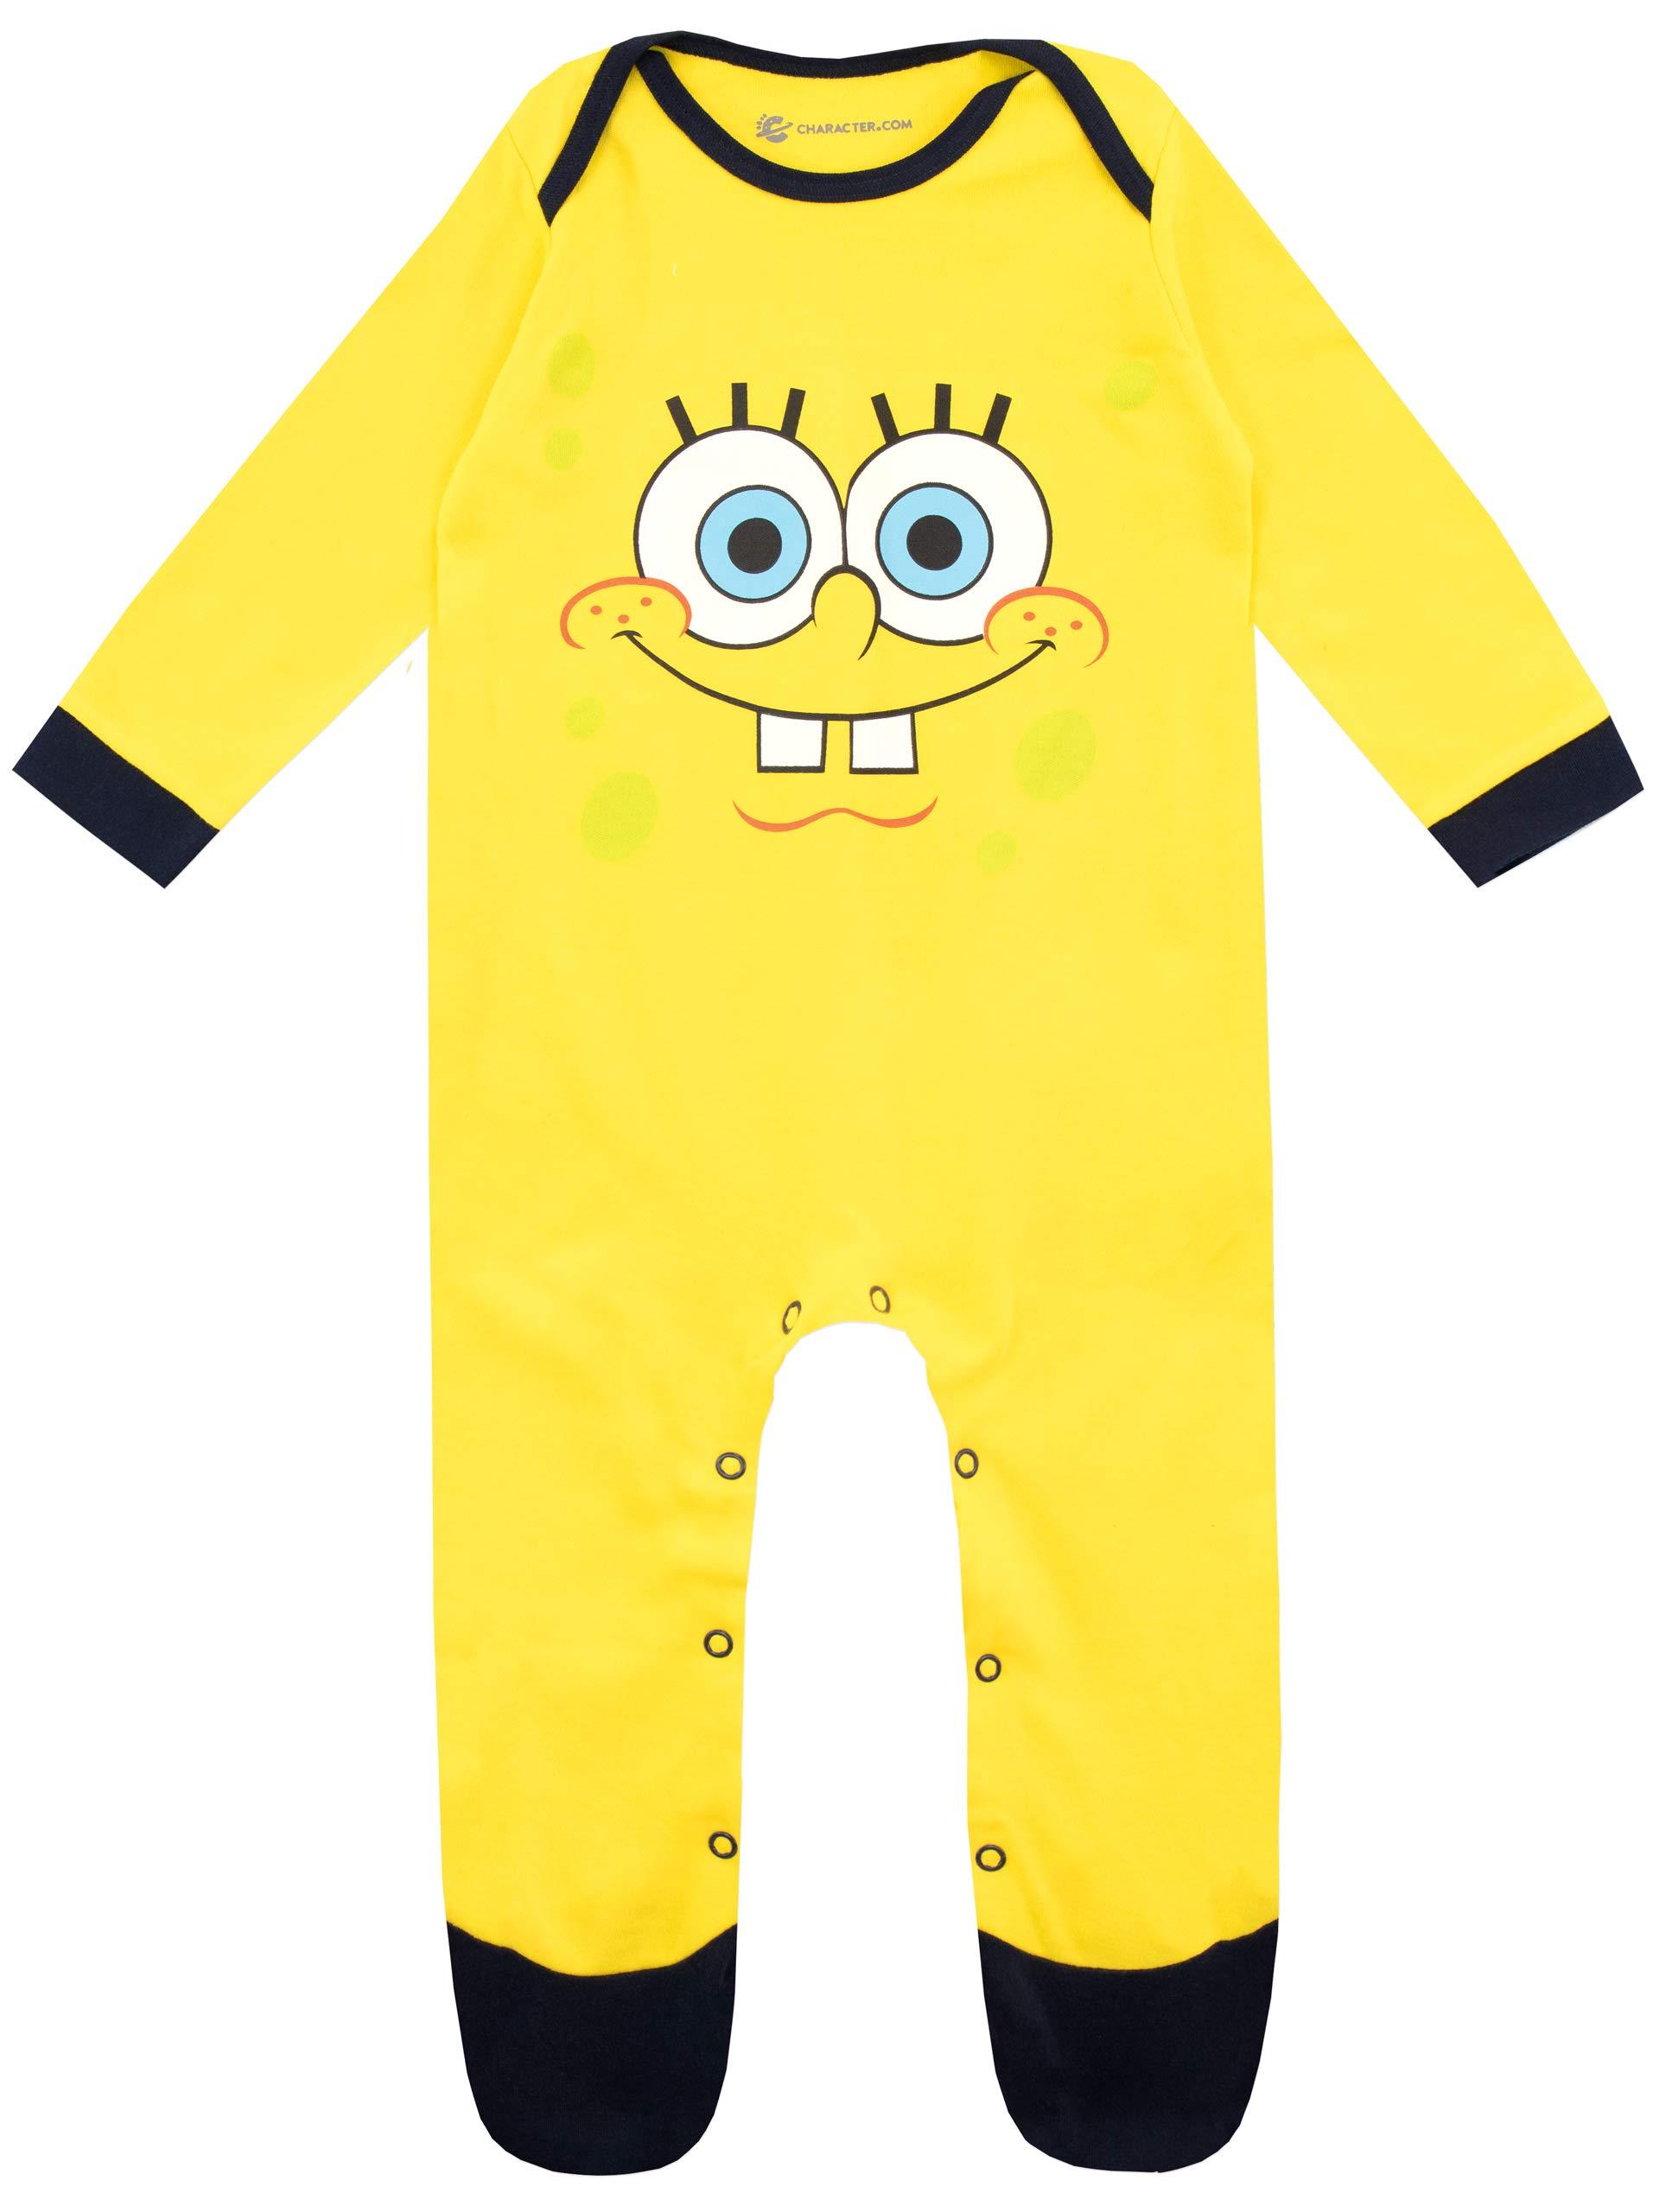 Bob Esponja Pijama Entera para Niños Bebés Spongebob Squarepants 1